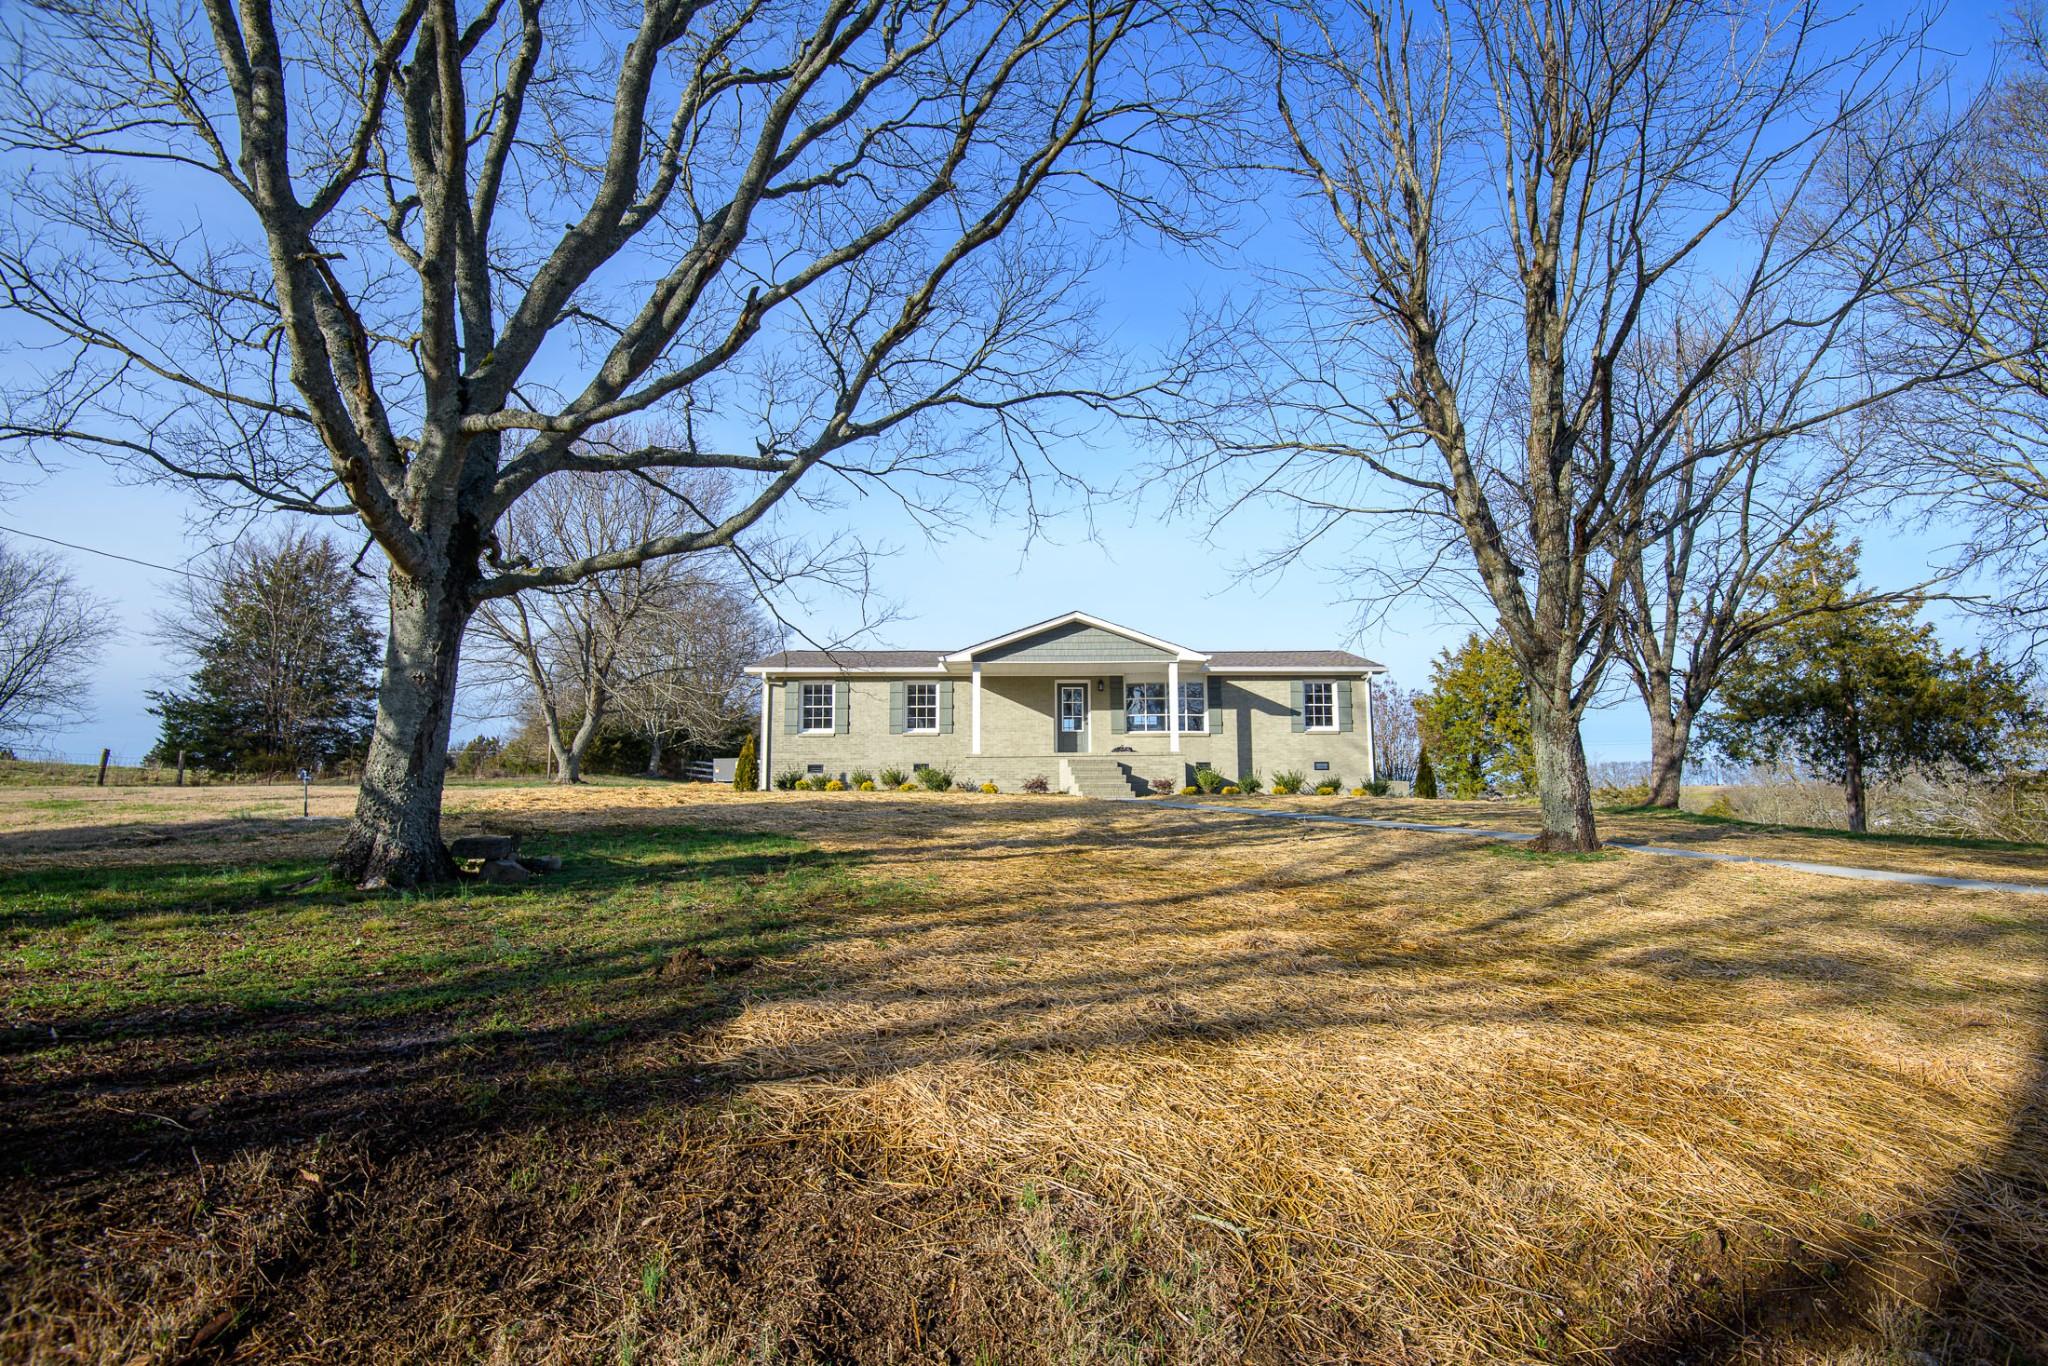 175 Higgins Rd, Wartrace, TN 37183 - Wartrace, TN real estate listing